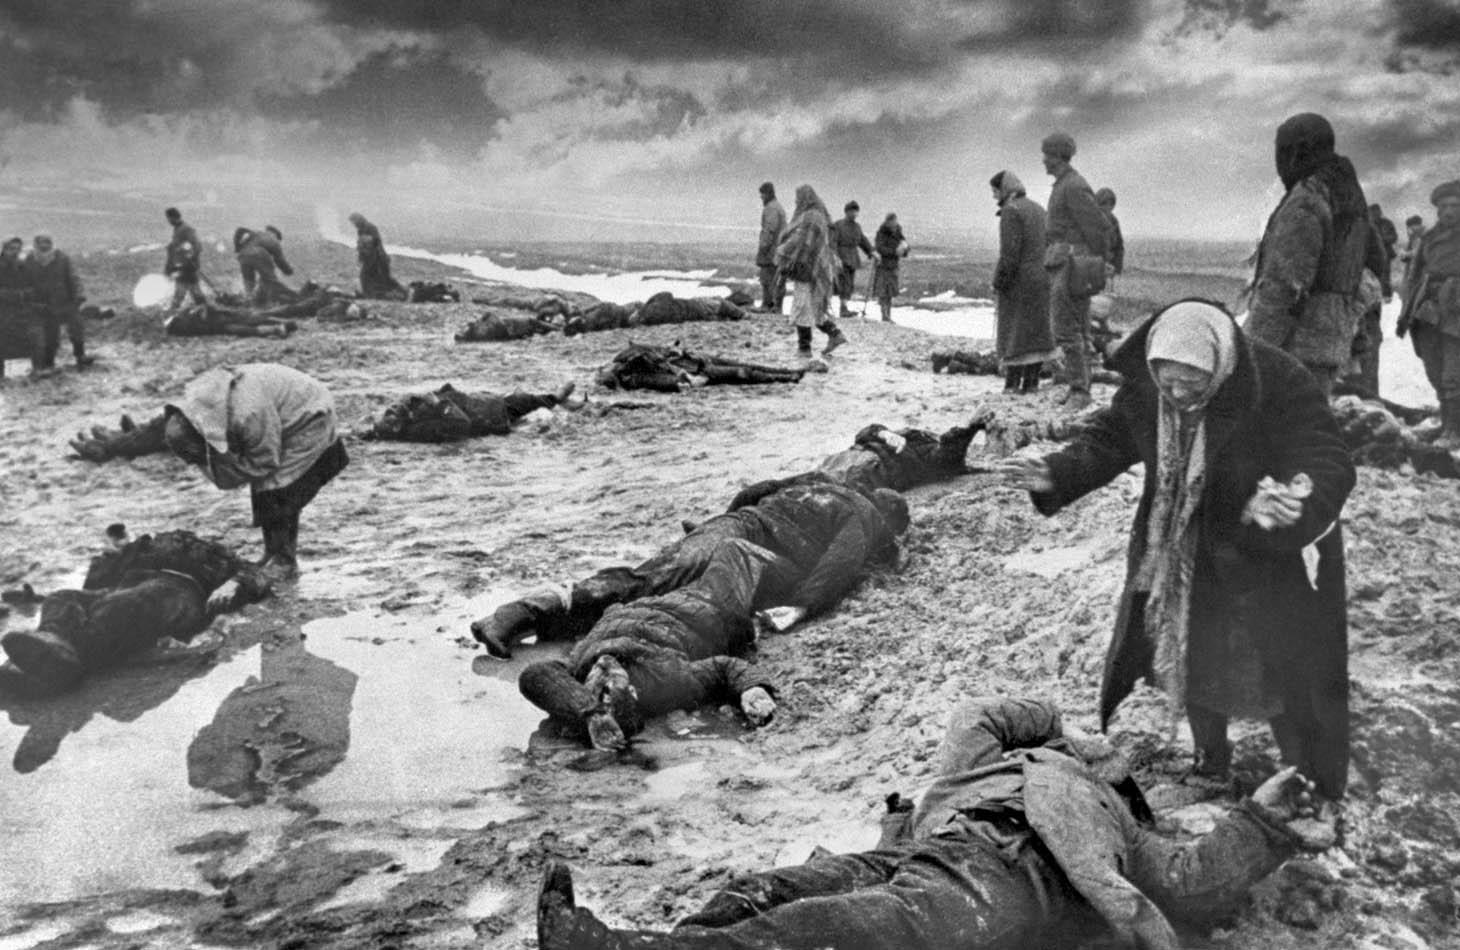 1942. Szovjet lakosok keresik szeretteiket a németek által elkövetett kercsi mészárlás után, Szevasztopol ostroma alatt..jpg